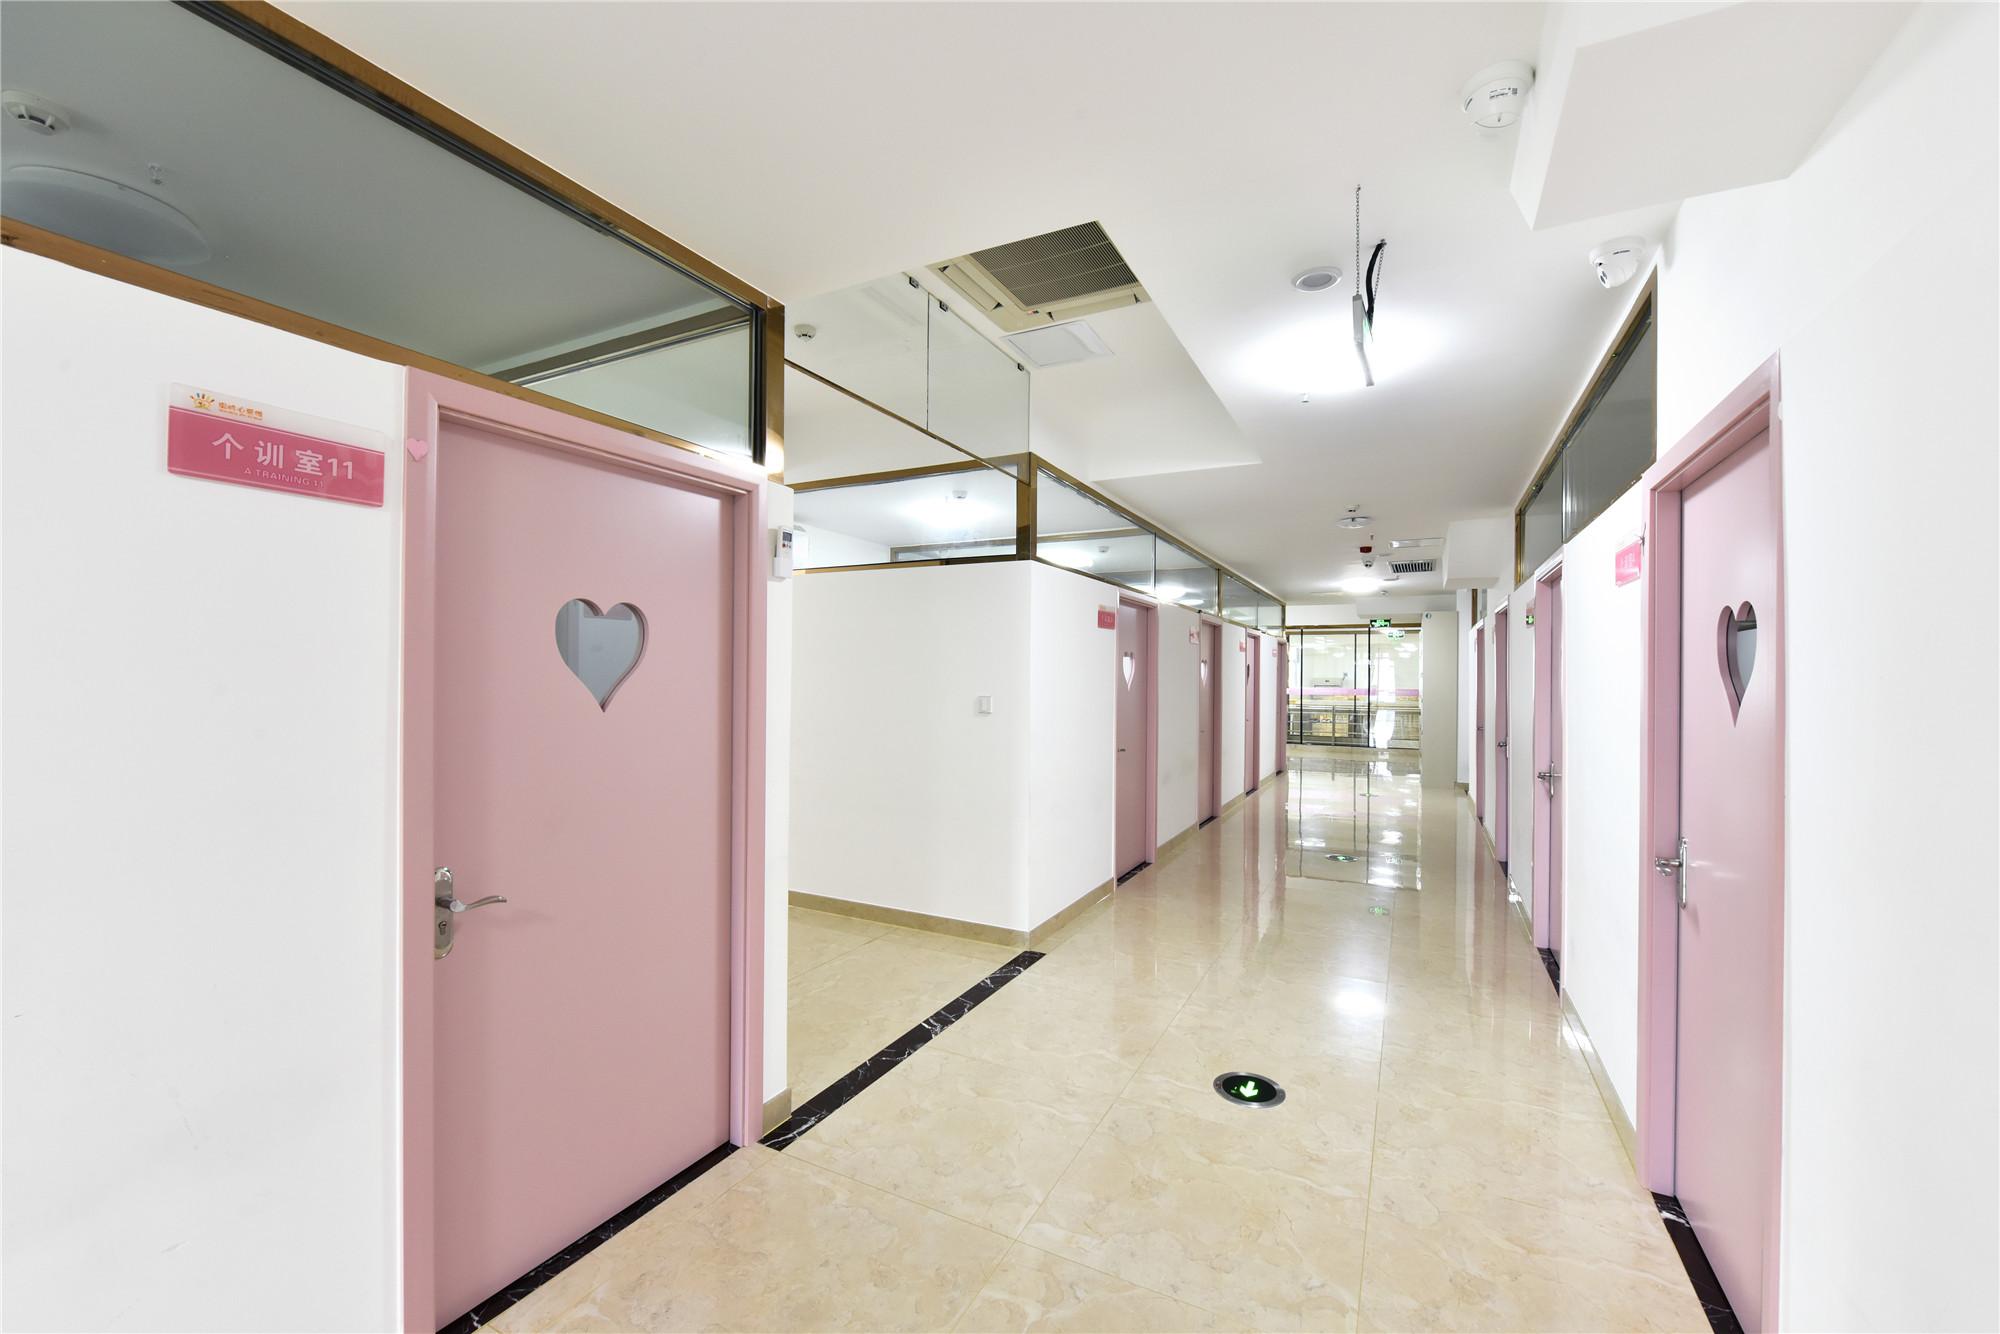 个训走廊2